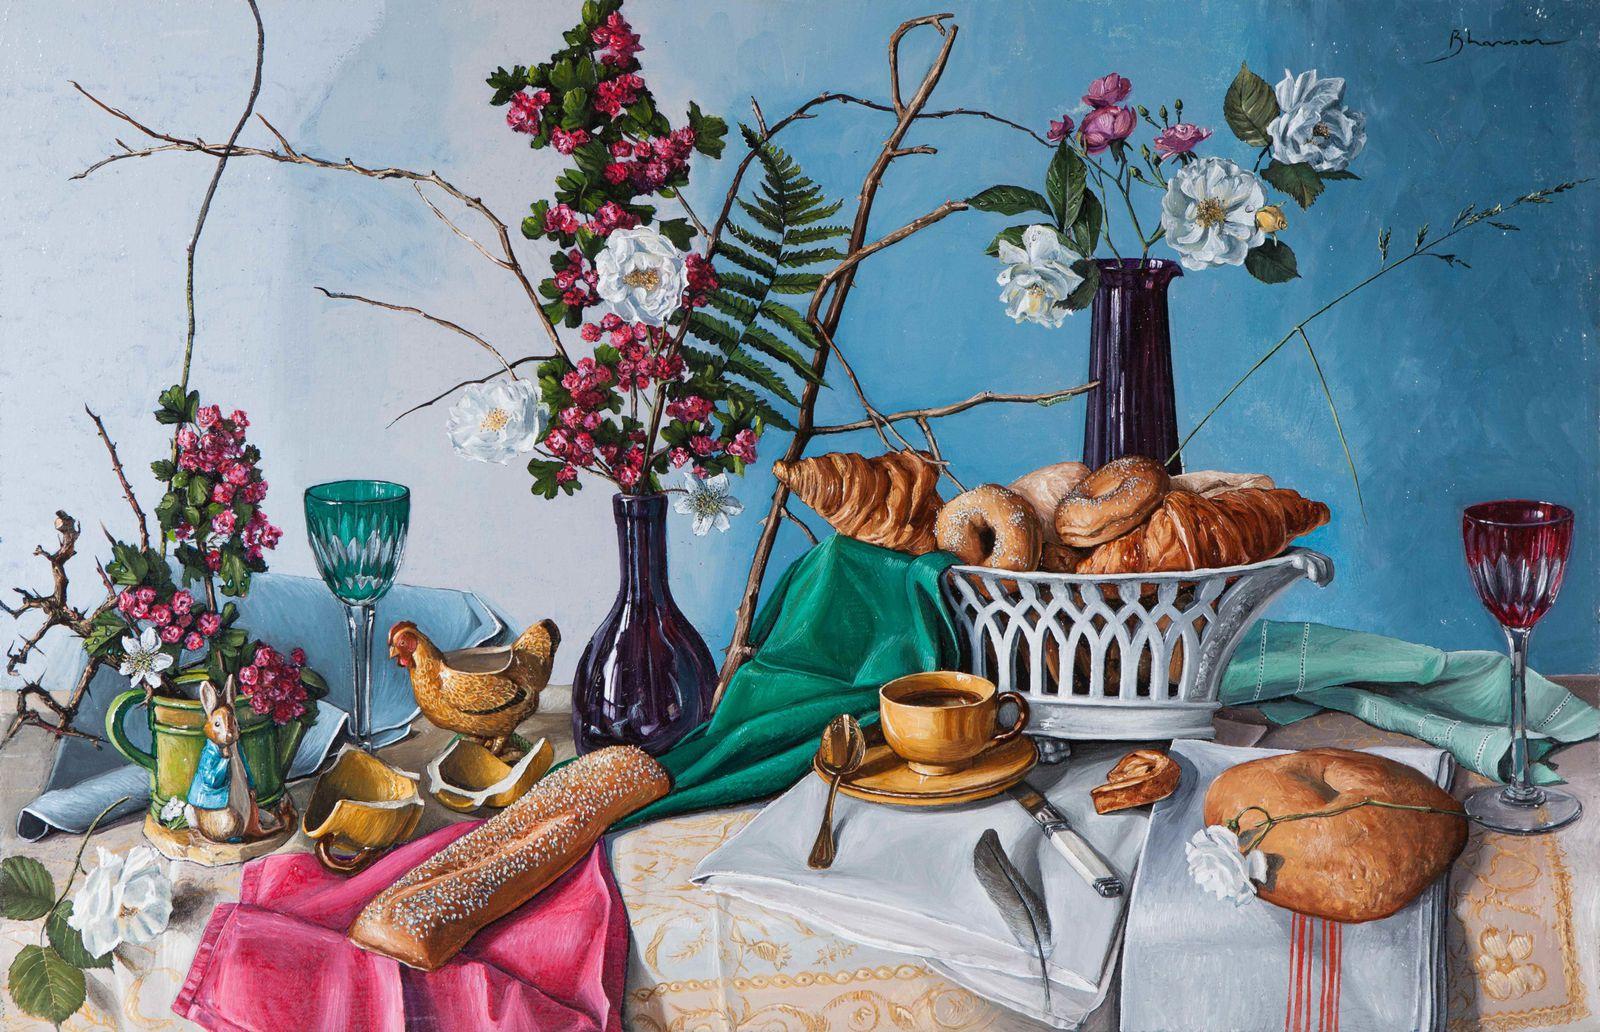 """Composées à l'atelier, opposant formes, matières et couleurs, j'ai beaucoup de joie à peindre ces """"vies silencieuses/still life"""" avec la maitrise du métier et dans la lignée des maitres dont je possède les secrets."""